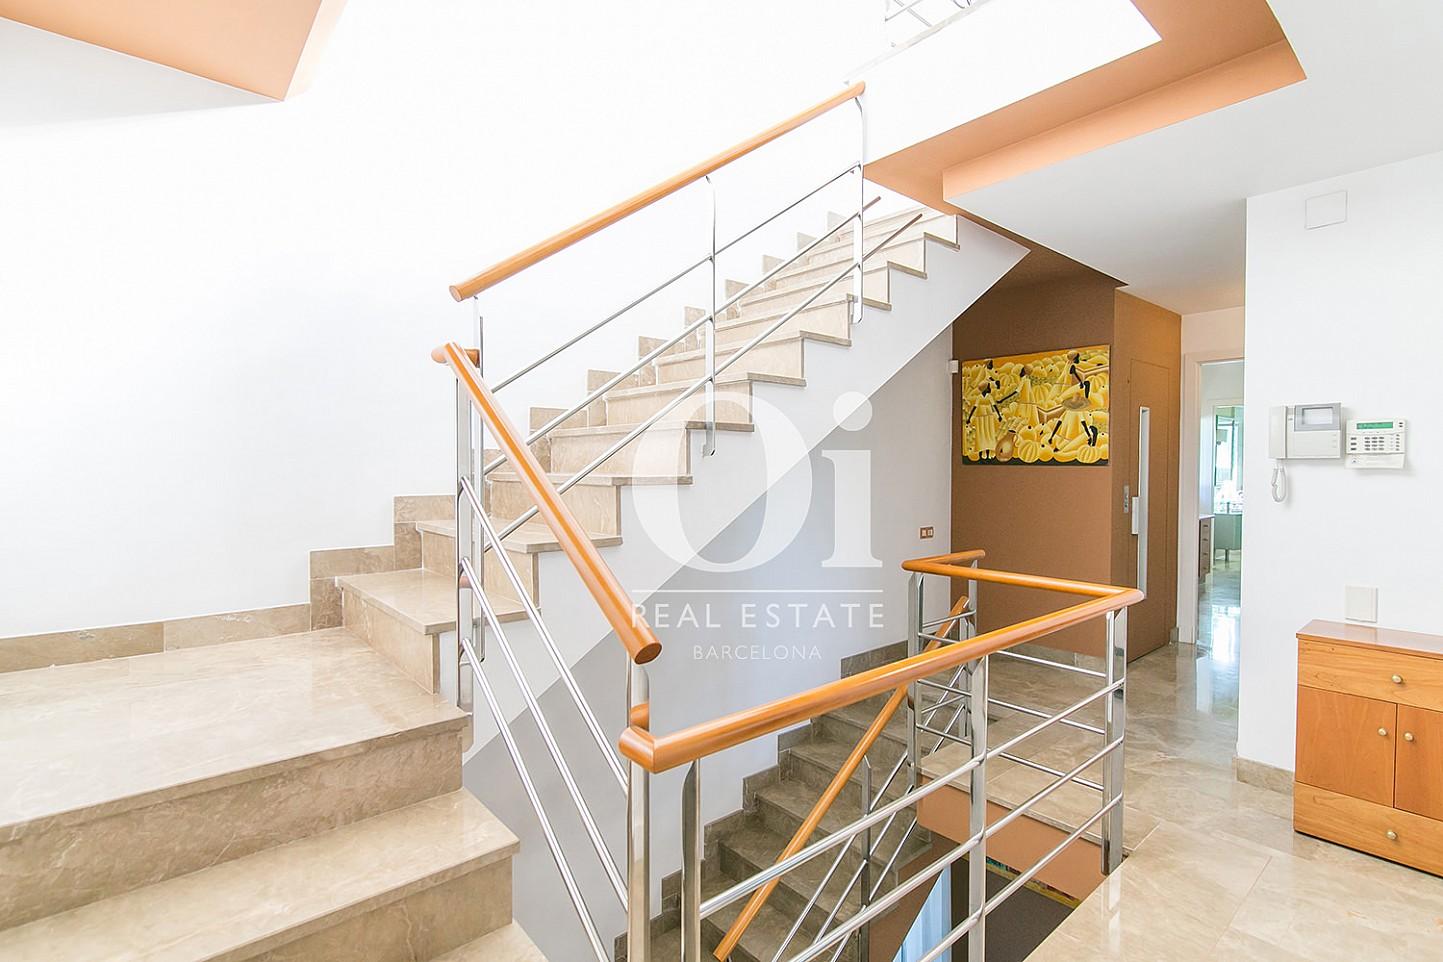 Пространство потрясающего семейного дома на продажу недалеко от Барселоны